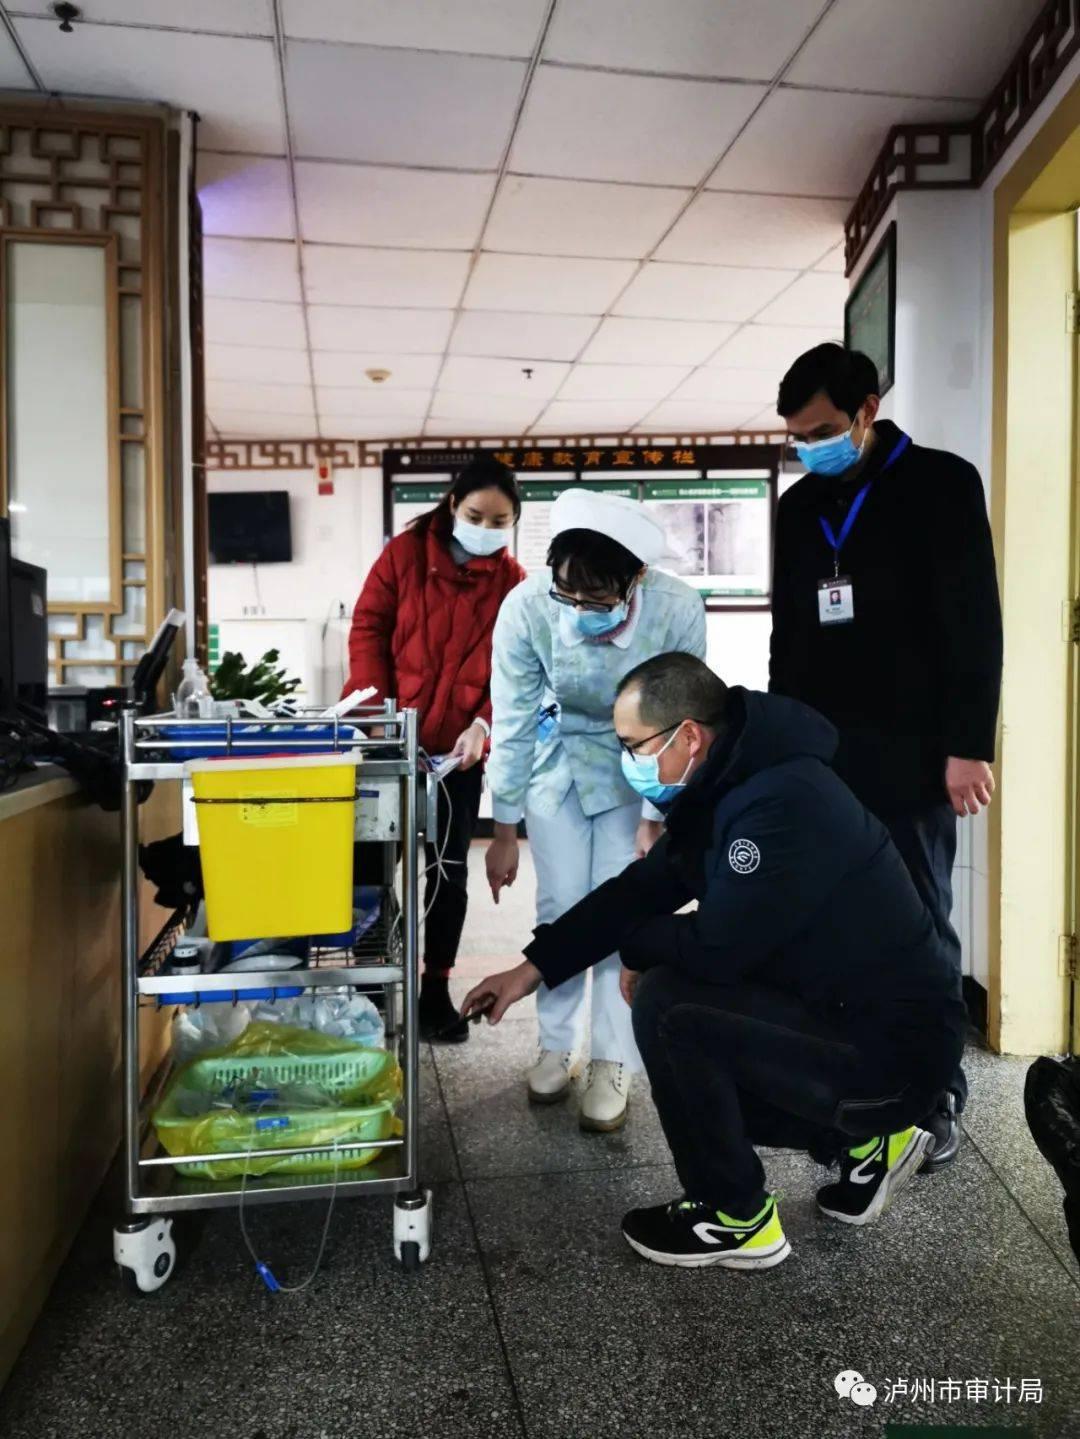 泸州市审计局在审计中关注医疗废弃物管理处置情况